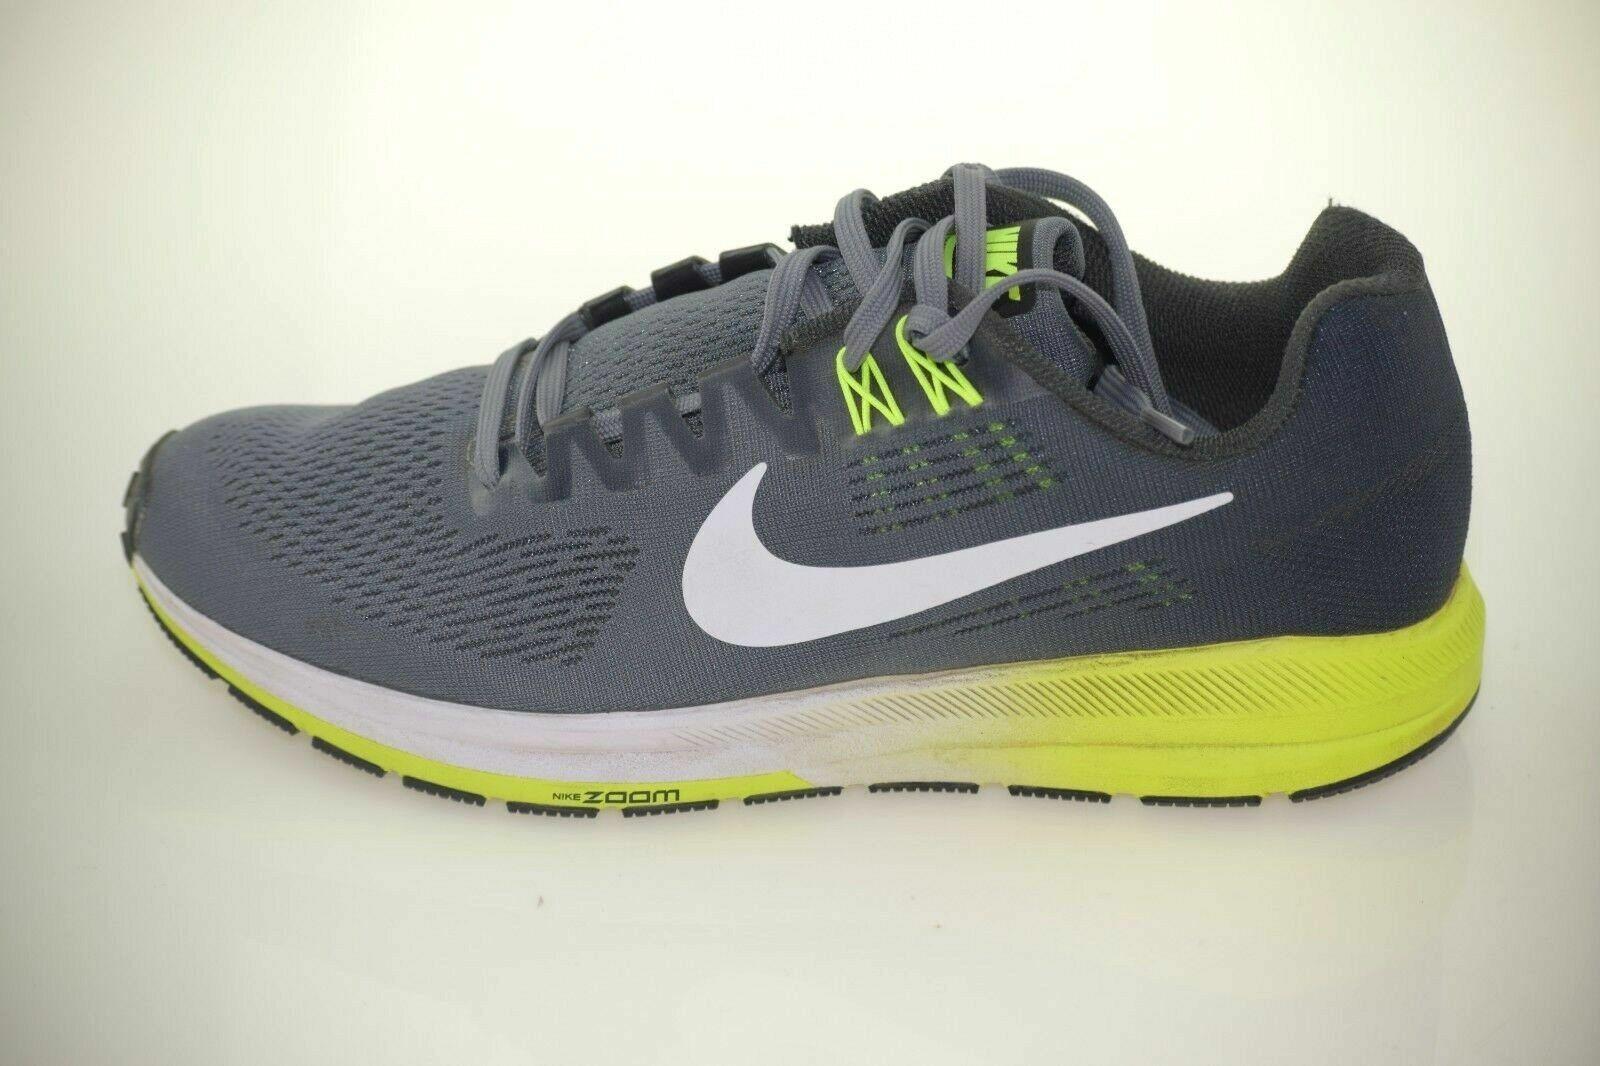 Nike air zoom struttura 21 uomini scegli scegli scegli Coloreeee   numero di scarpe da corsa | durabilità  | Scolaro/Ragazze Scarpa  ff5a79